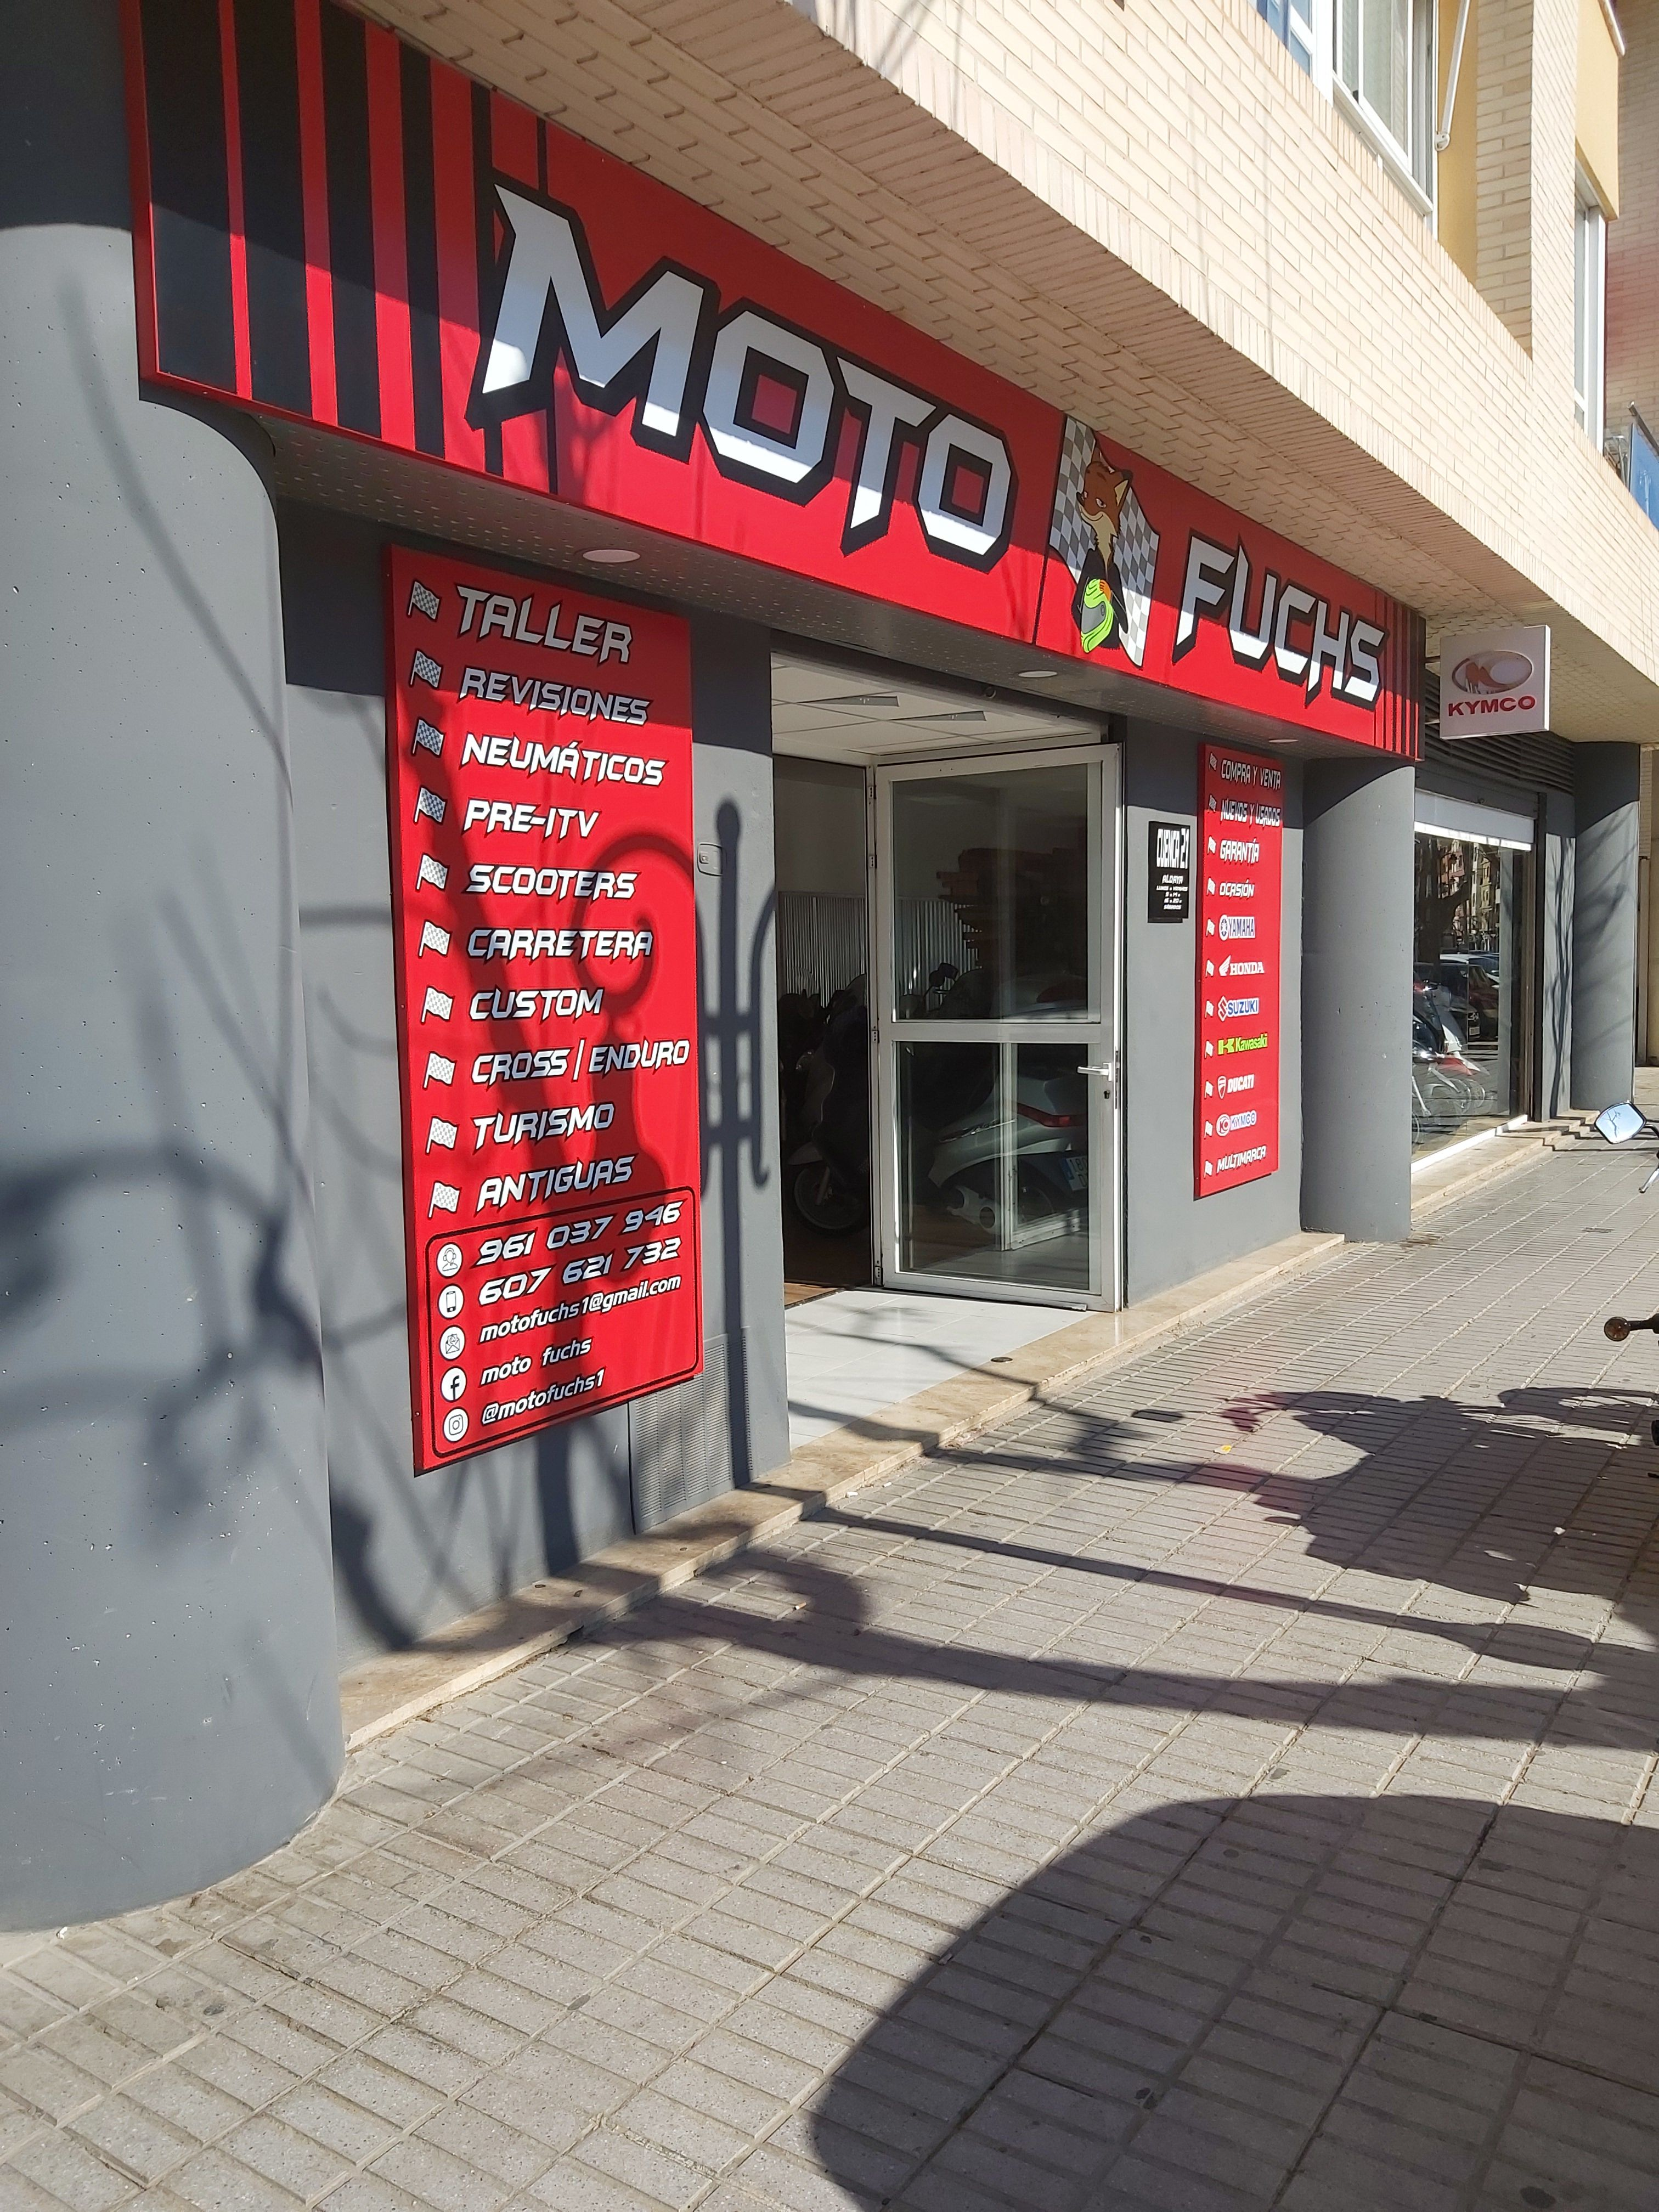 Tu taller mecánico de confianza en Valencia